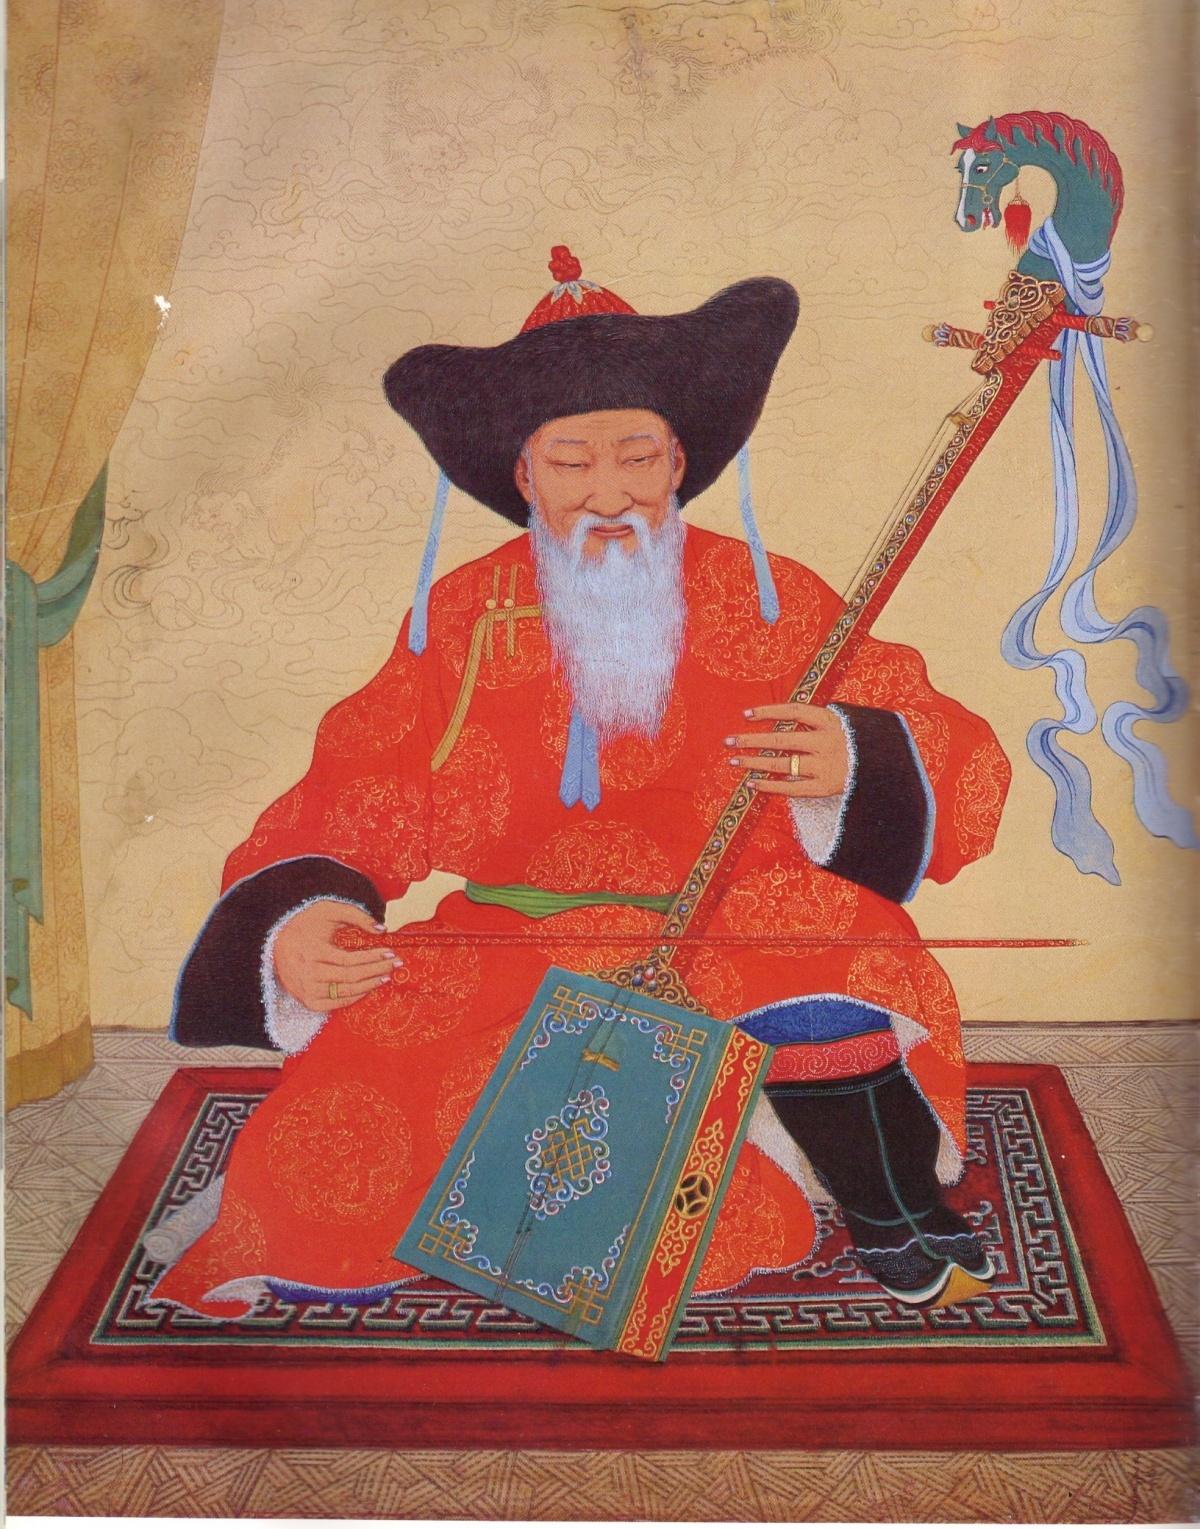 Уржингийн Ядамсурэн Старик-сказитель, 1958